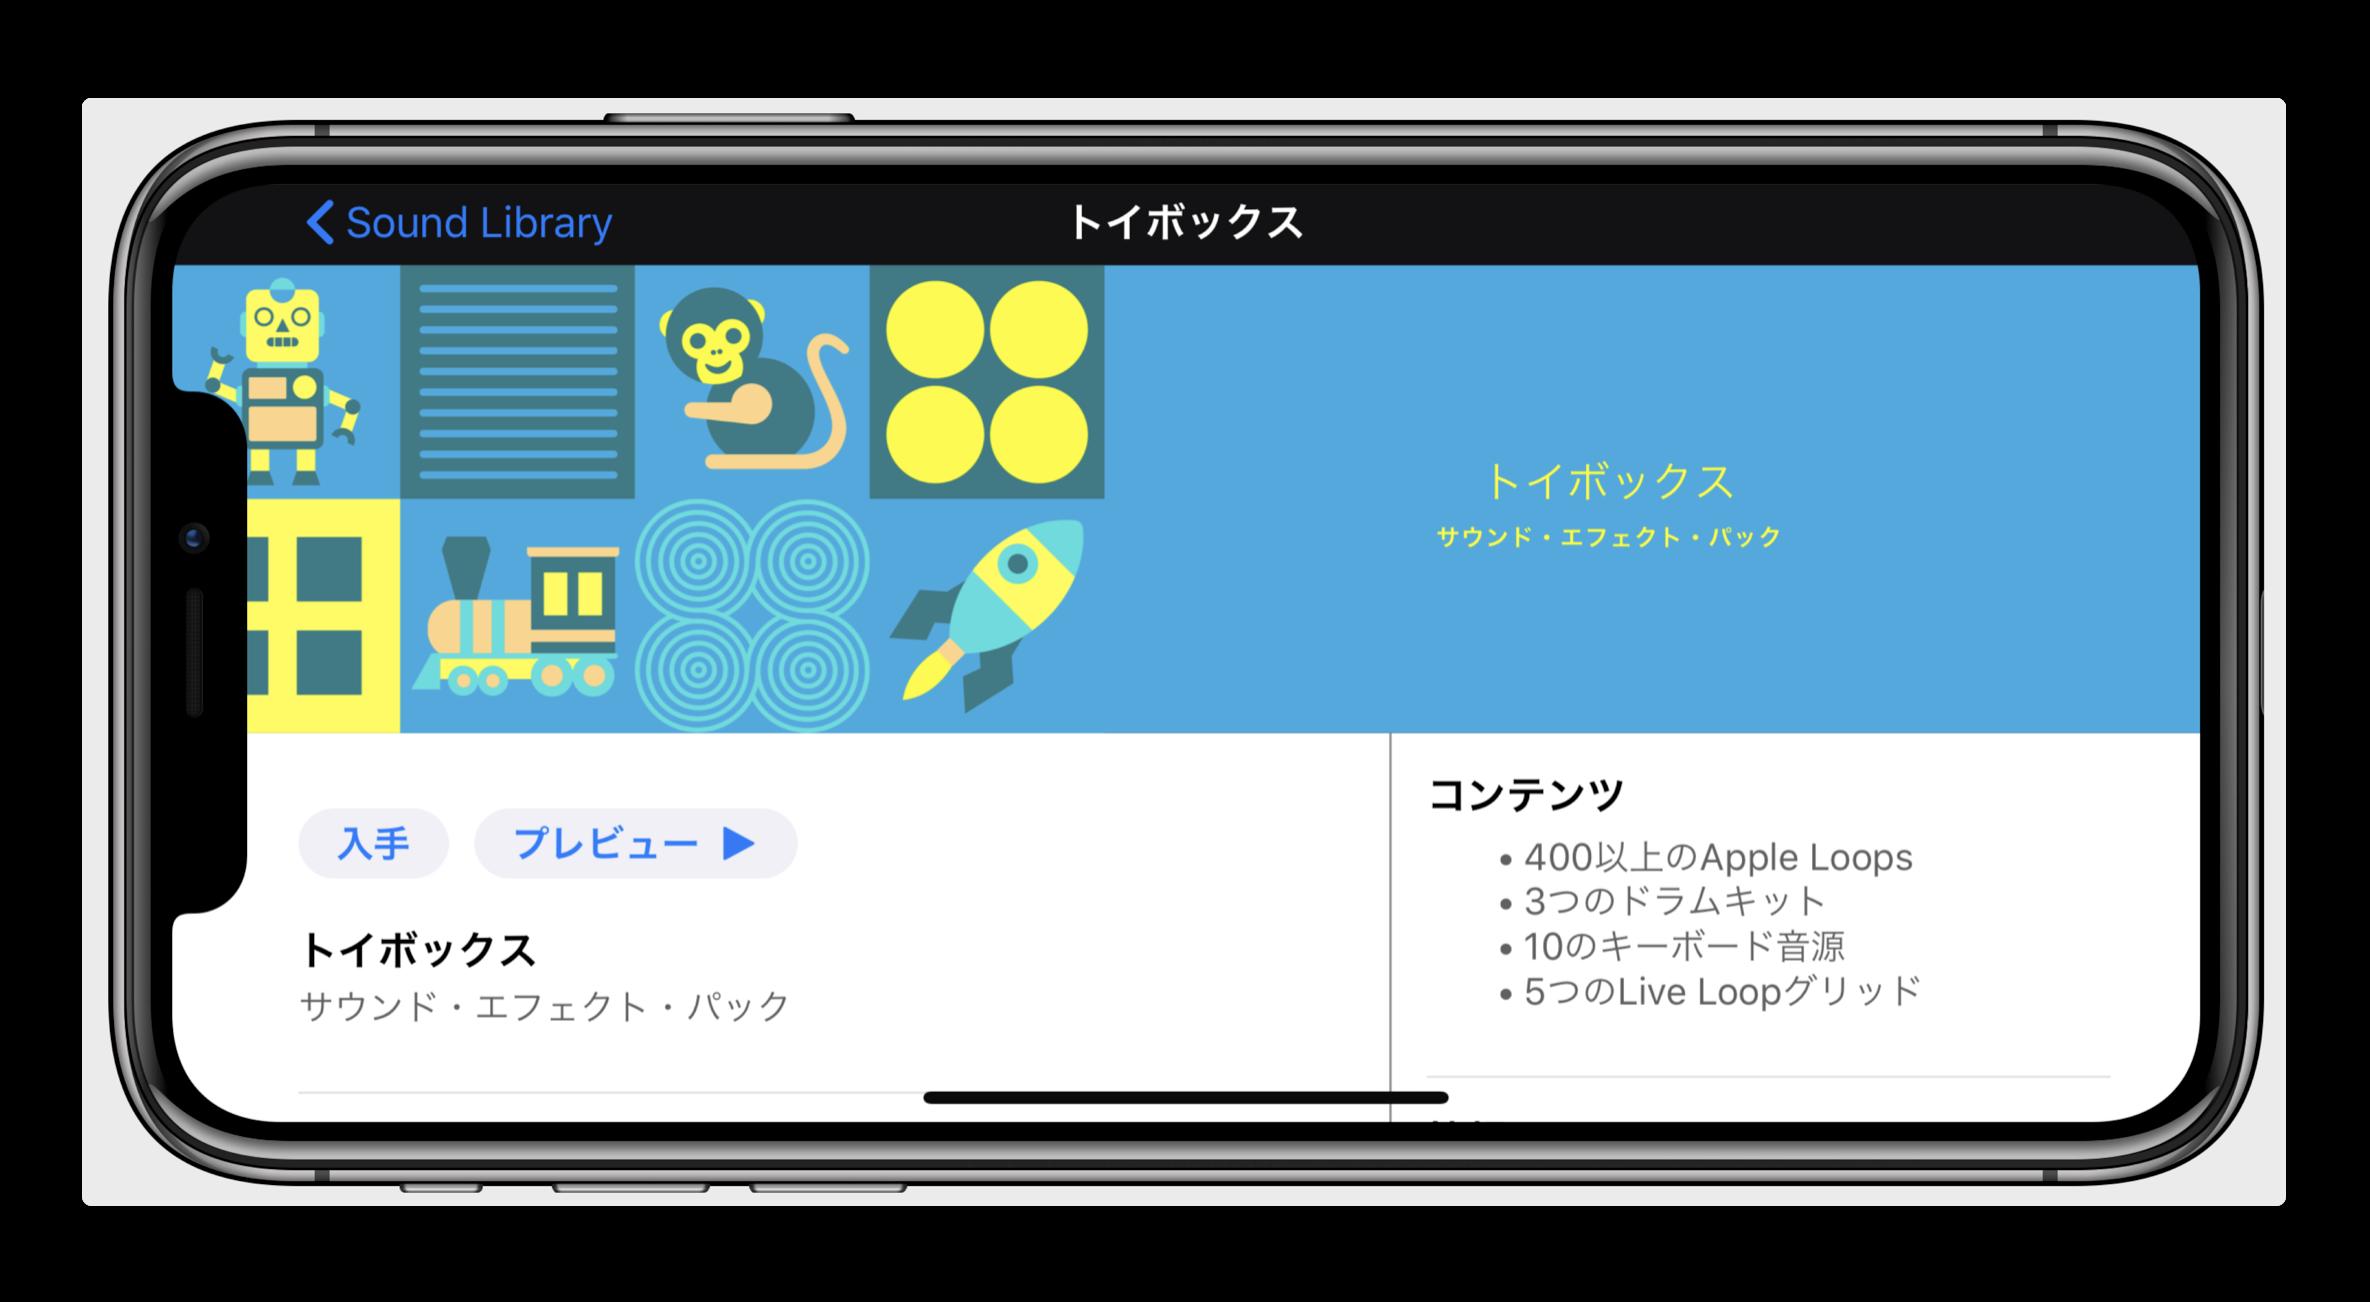 【iOS】GarageBandで新しい「トイボックス」 サウンド・エフェクト・パックをダウンロードする方法